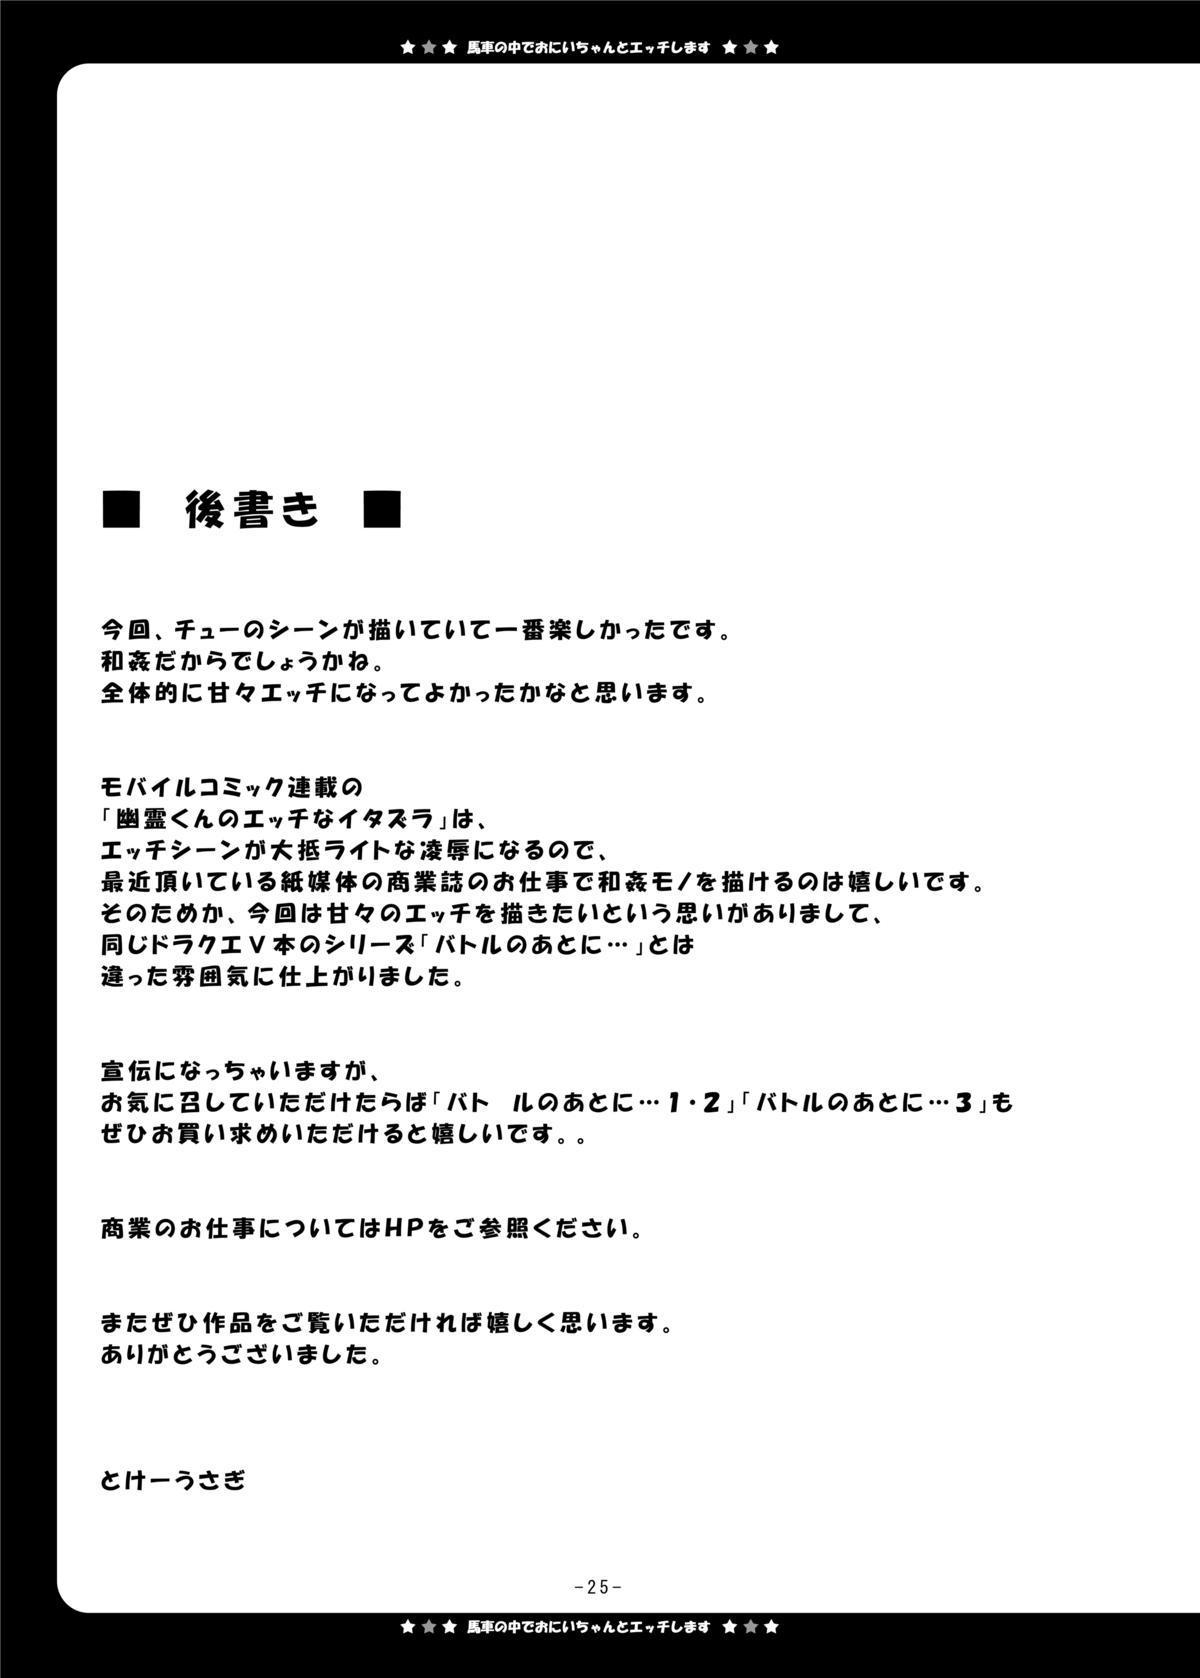 Basha no Naka de Onii-chan to Ecchi Shimasu 24